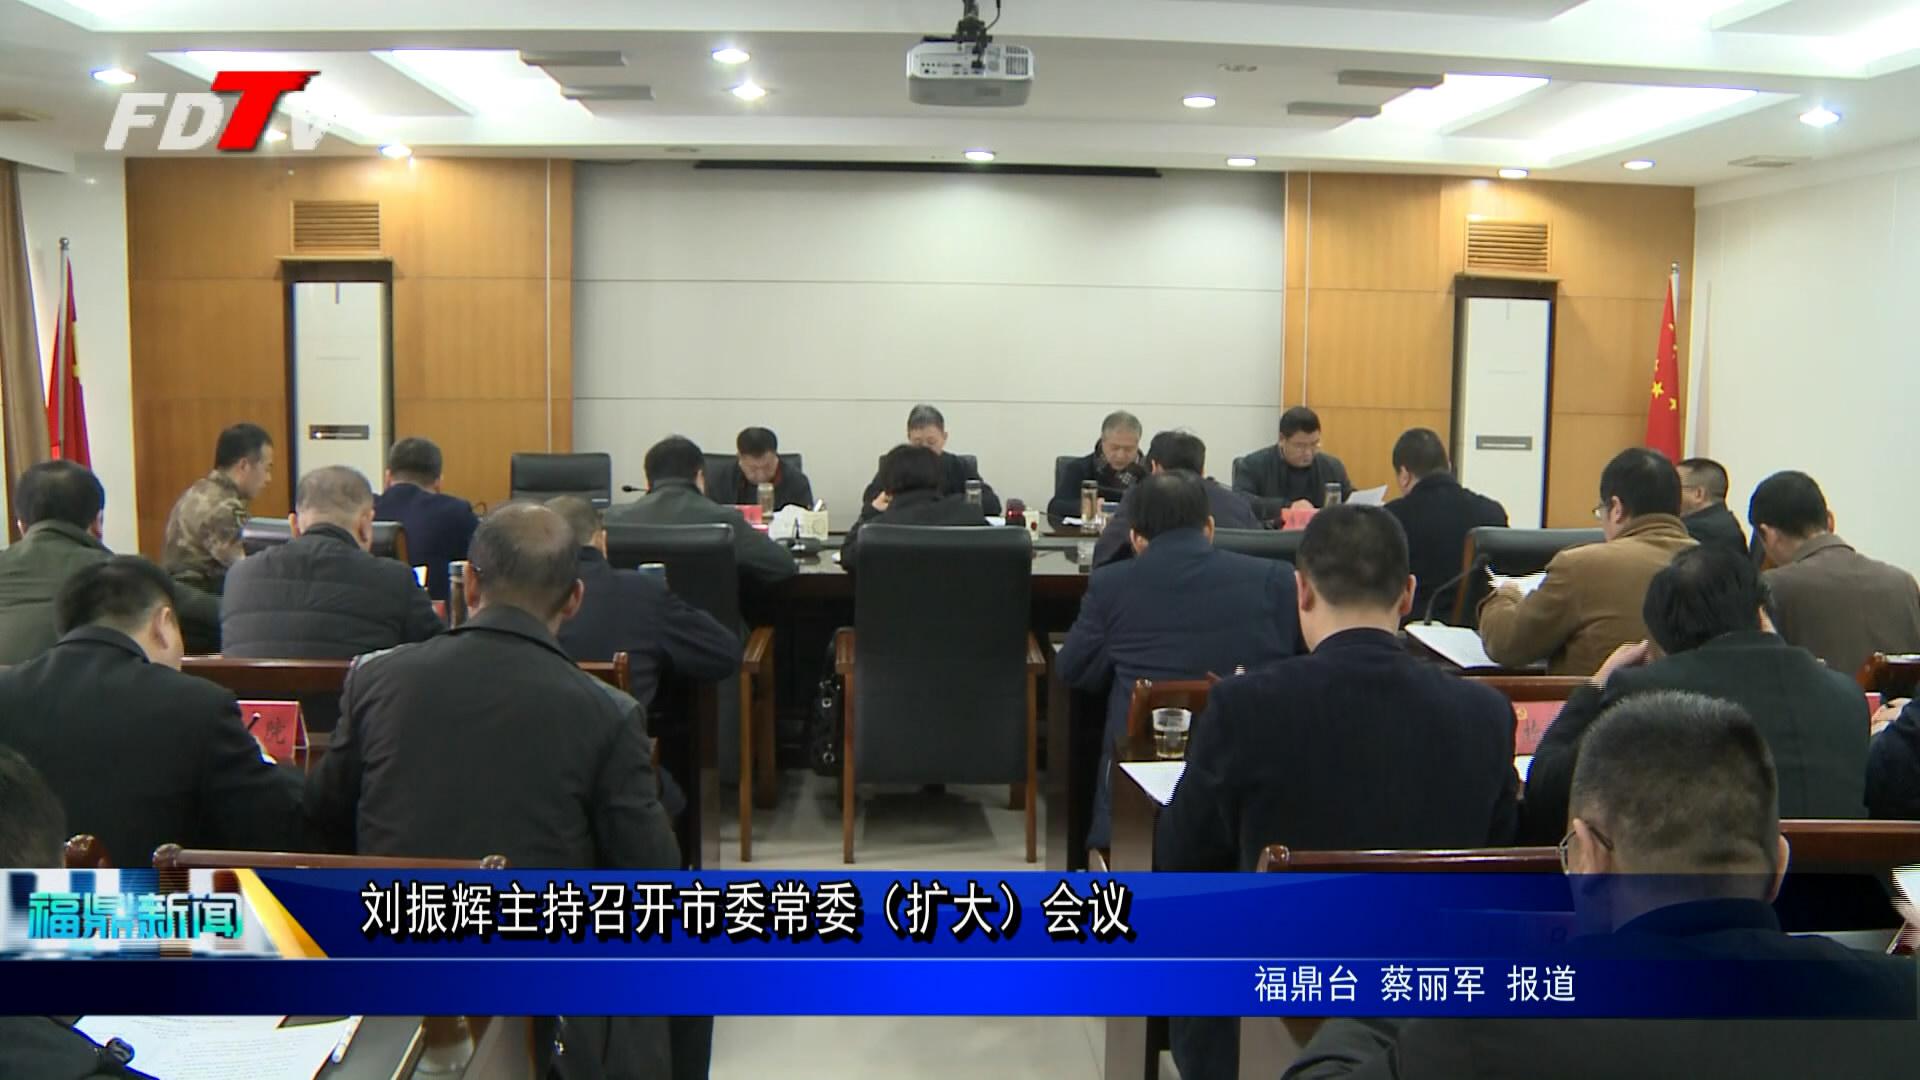 刘振辉掌管举行市委常委(扩展)集会